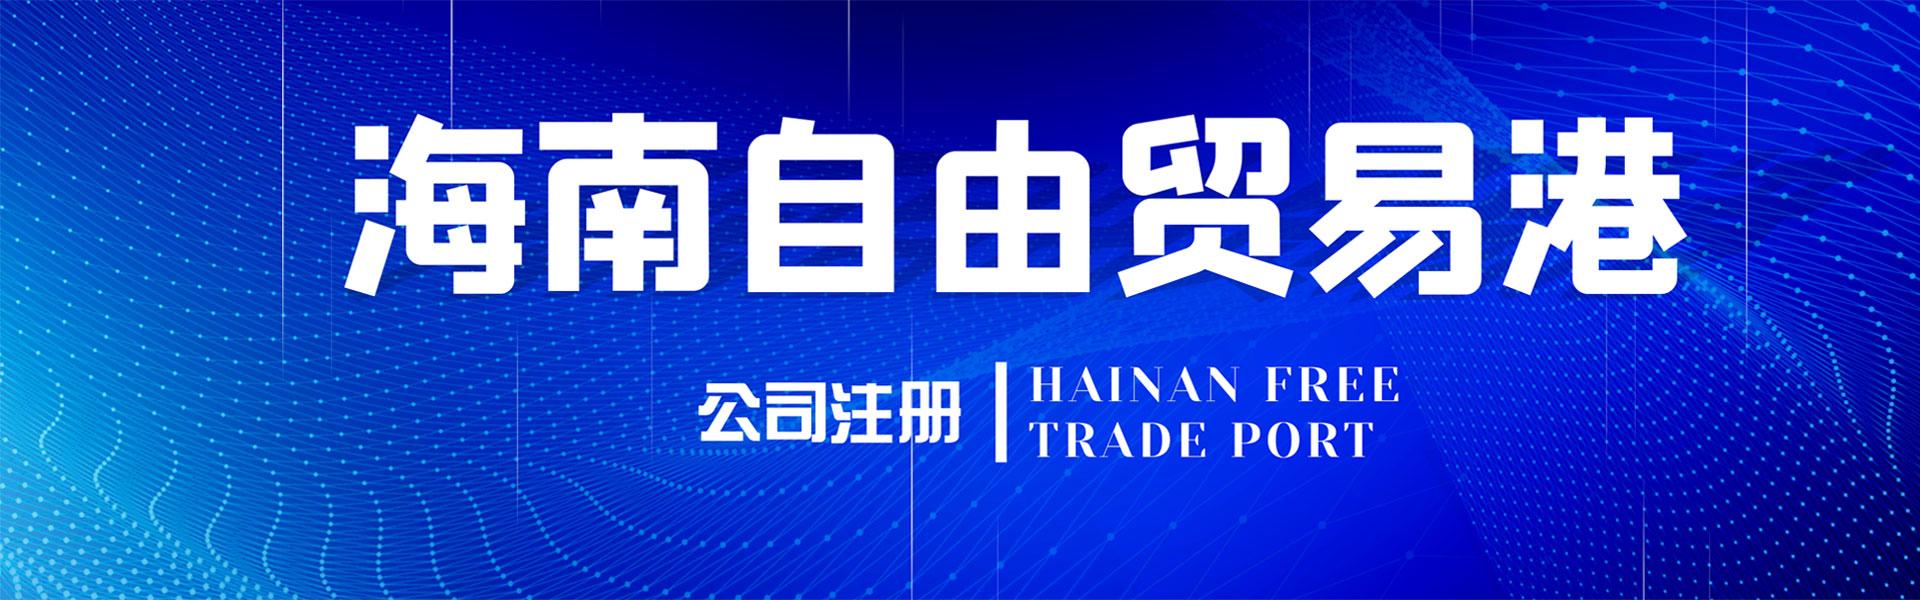 海南公司注册流程和材料